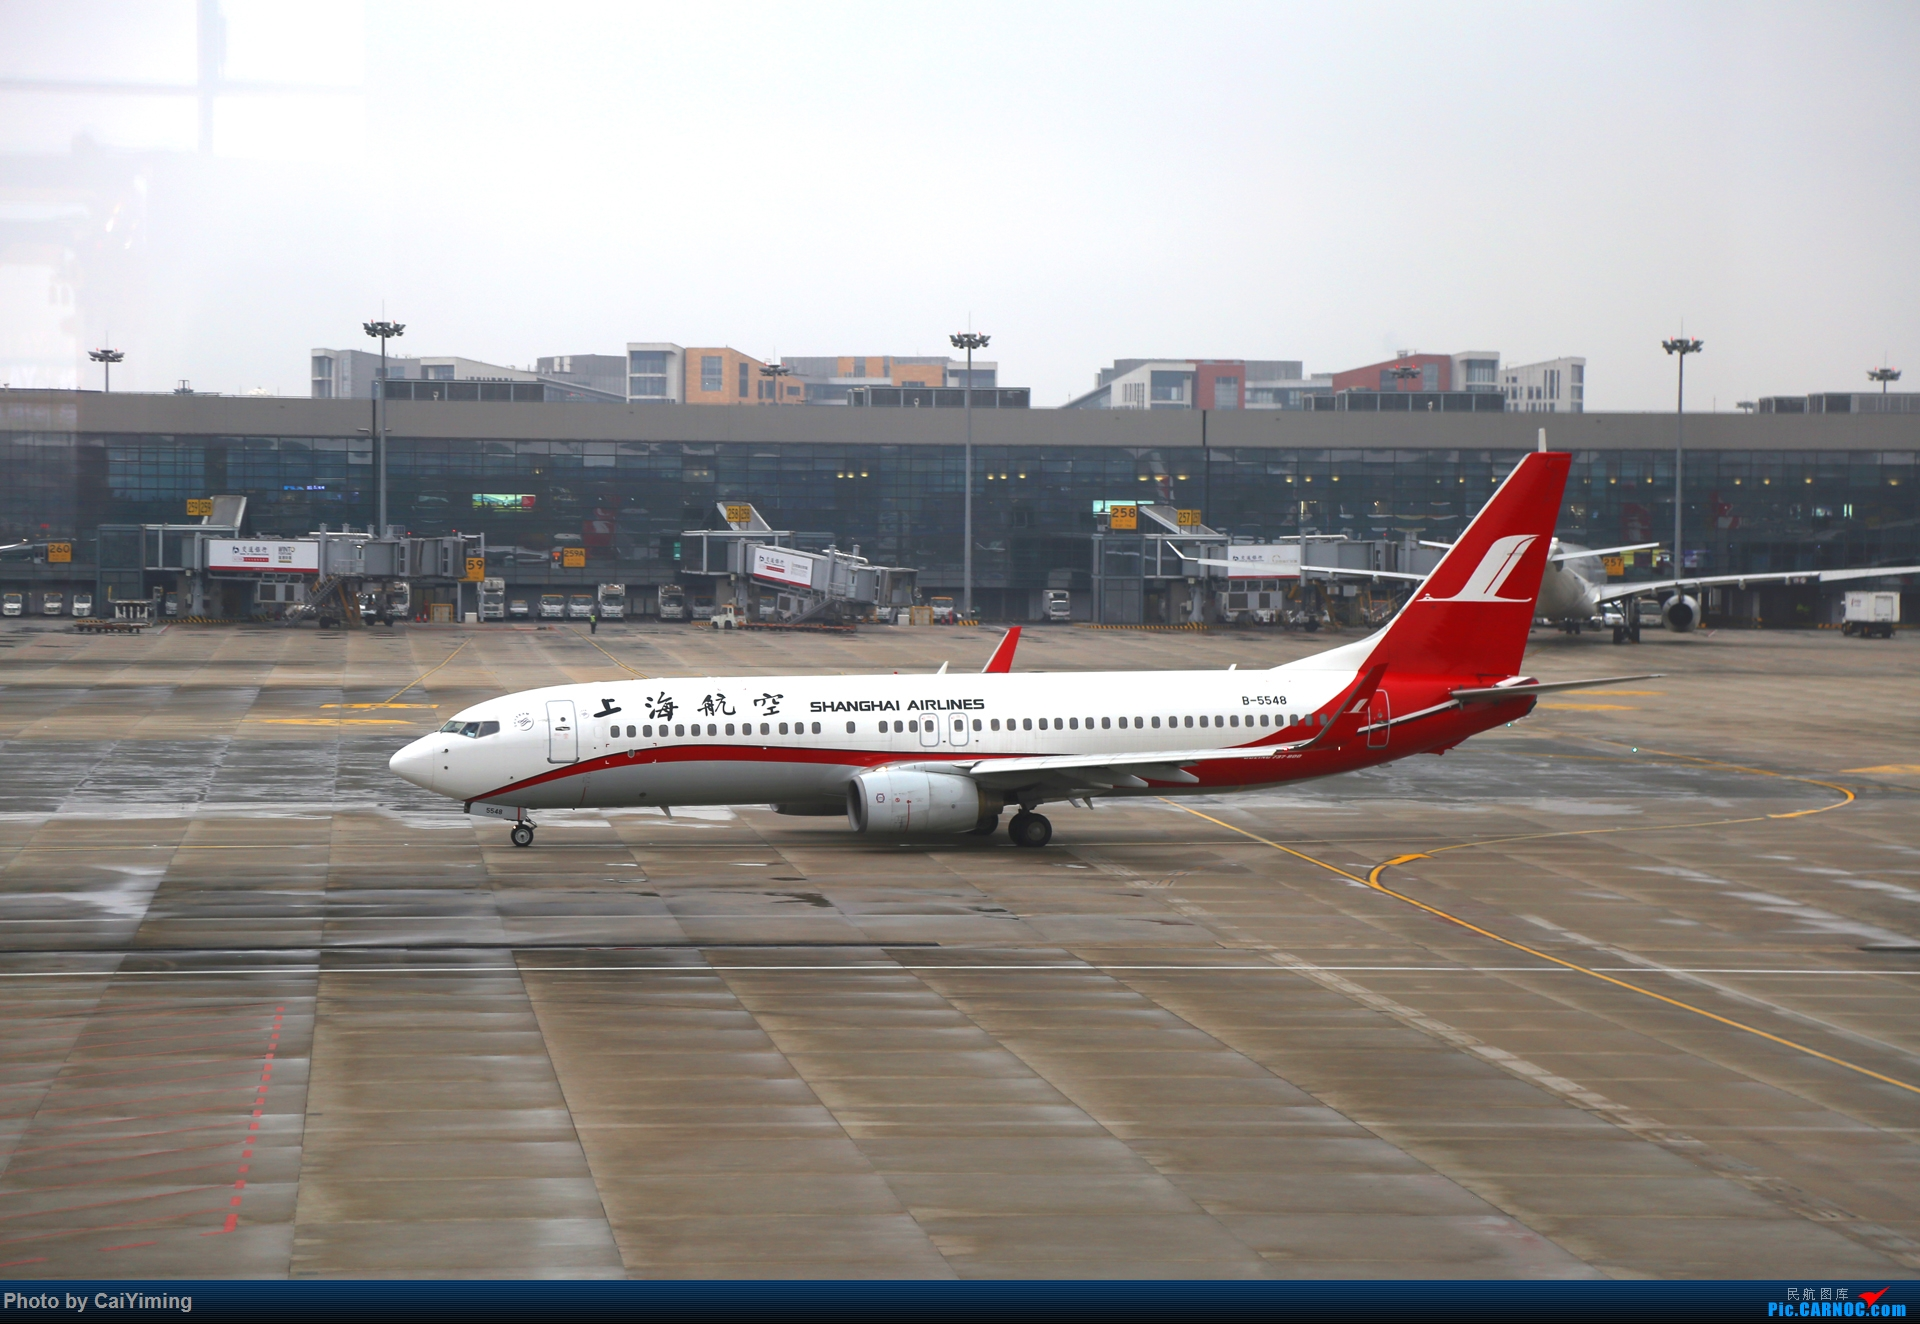 Re:[原创]【人在旅途】成都-浦东-虹桥-西安-南通-成都(3U+MU空客A359体验) BOEING 737-800 B-5548 中国上海虹桥国际机场